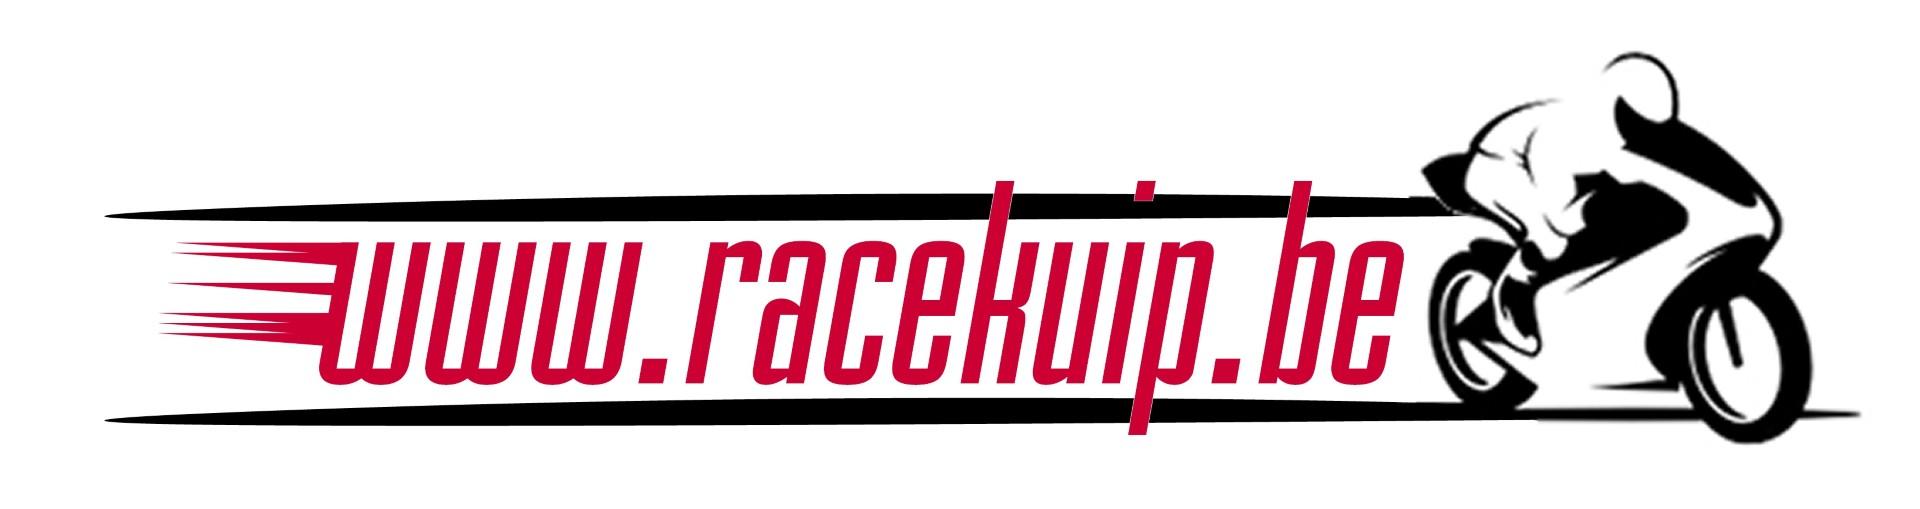 Racekuip